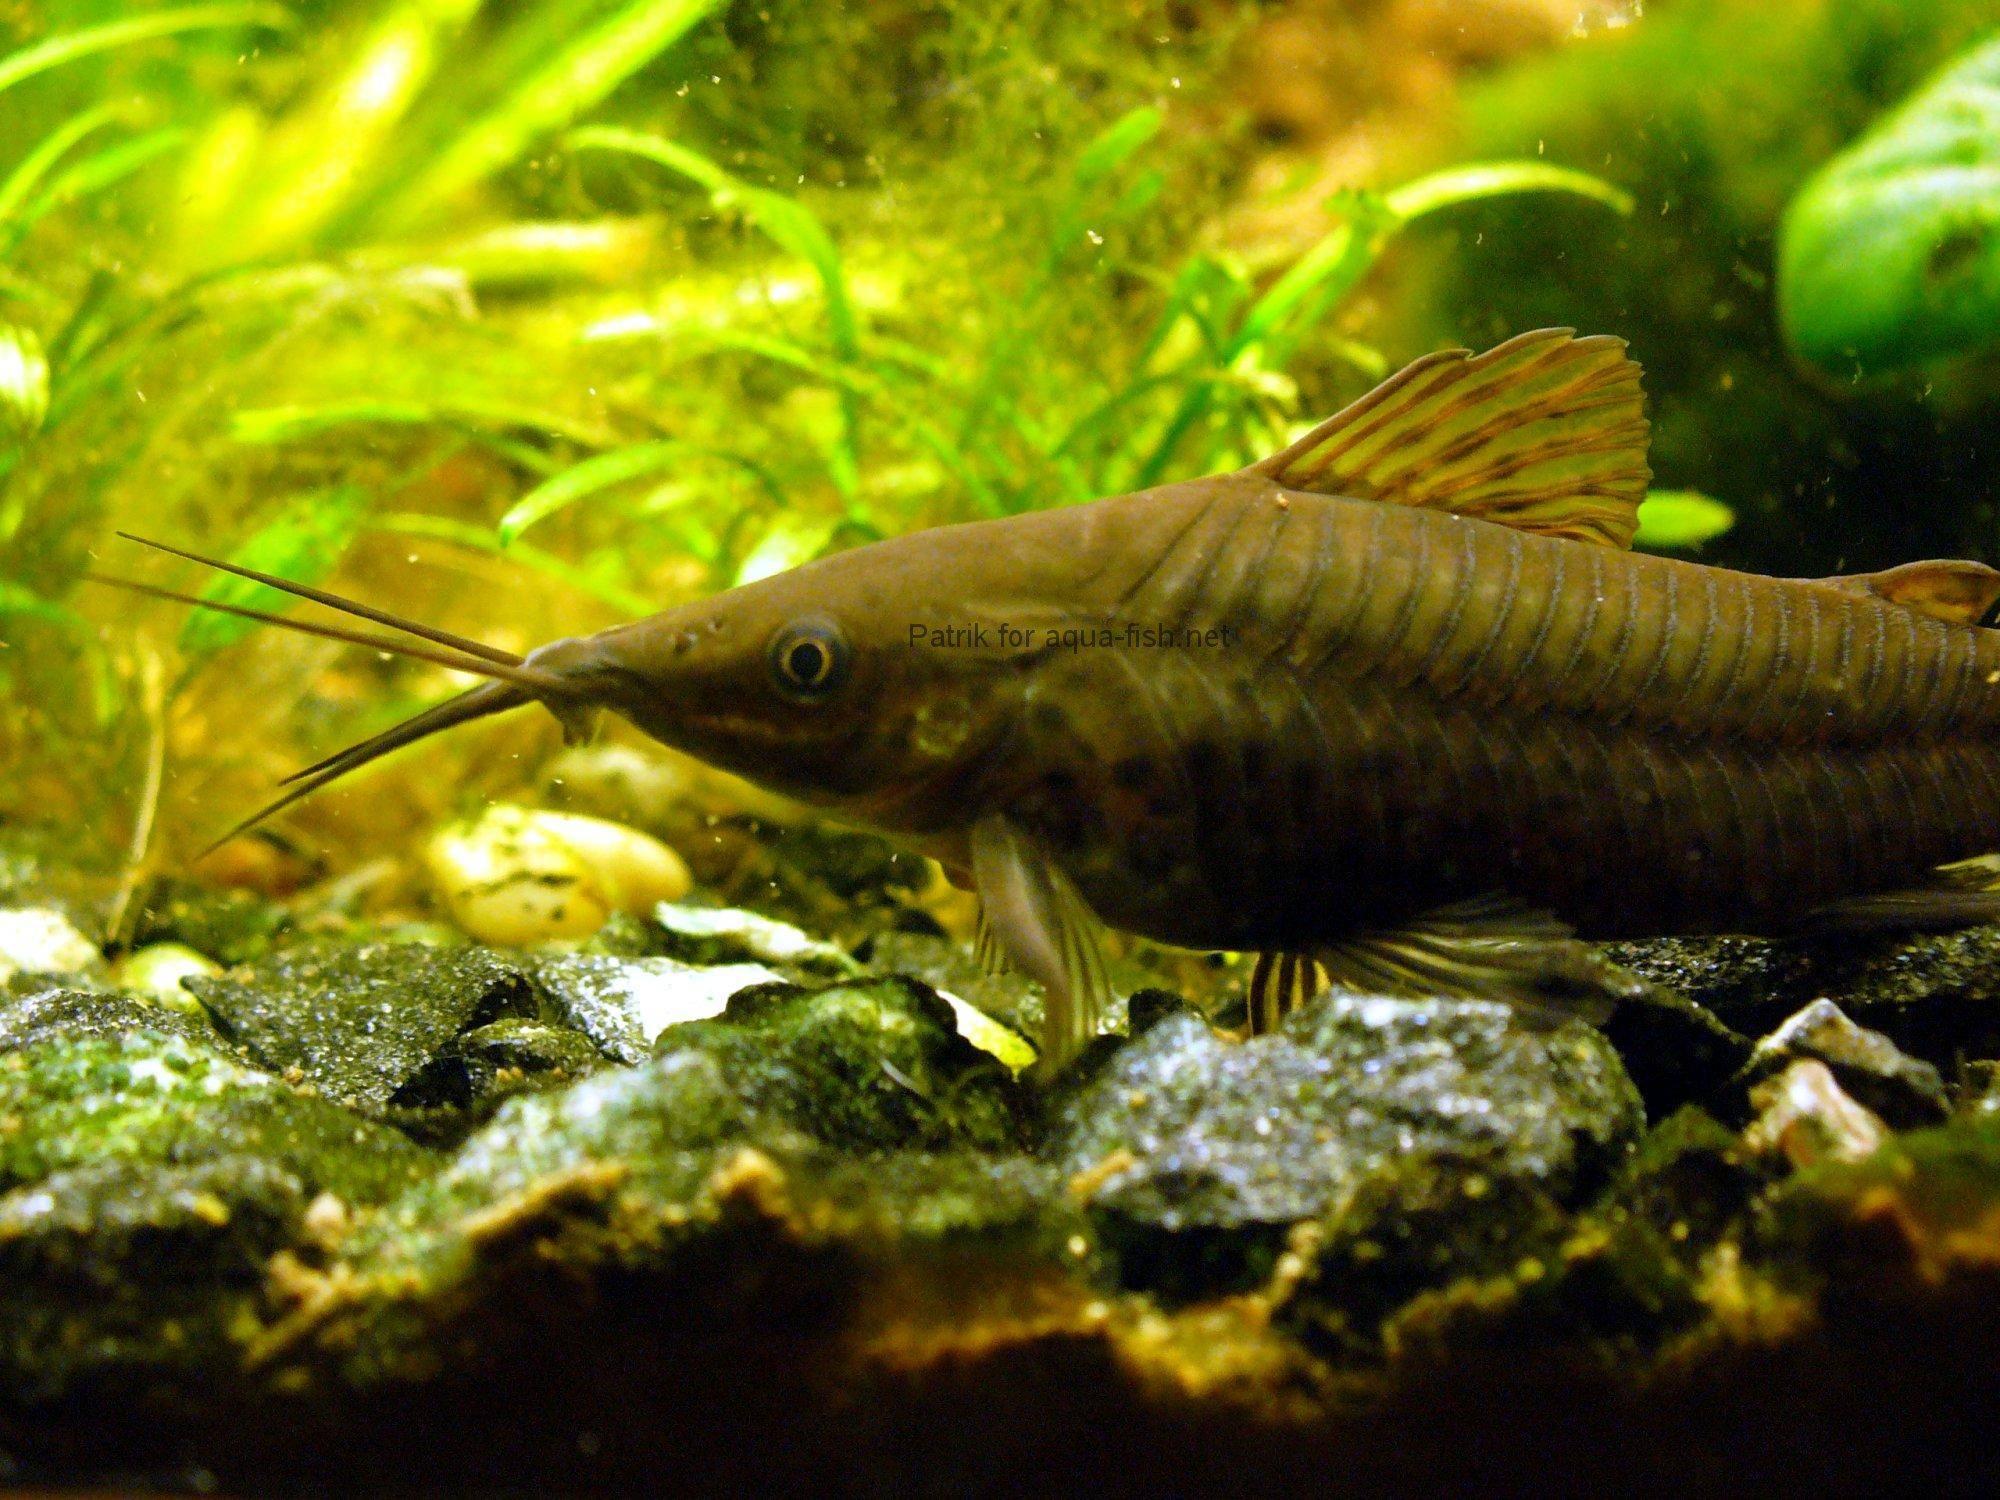 How To Care For Porthole Catfish Dianema Longibarbis